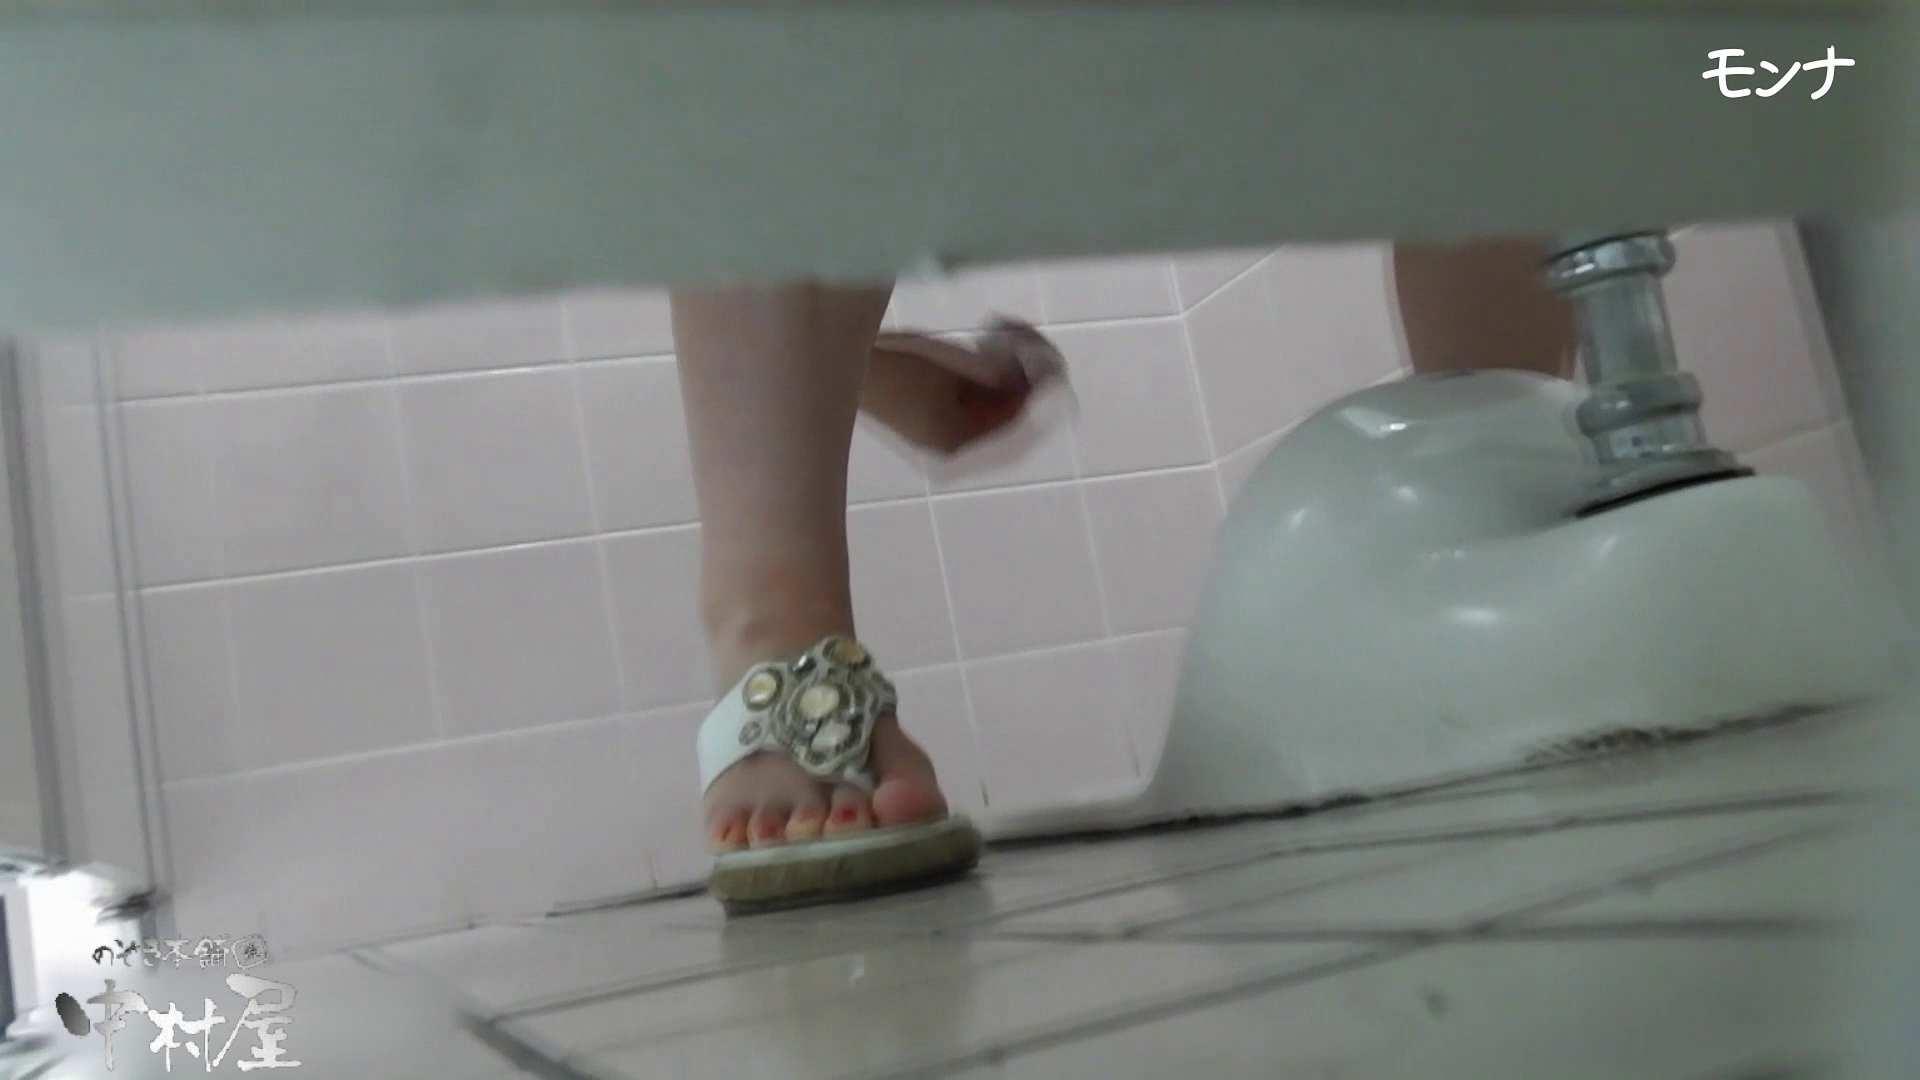 【美しい日本の未来】美しい日本の未来 No.73 自然なセクシーな仕草に感動中 トイレの中の女の子 盗み撮り動画 42連発 27